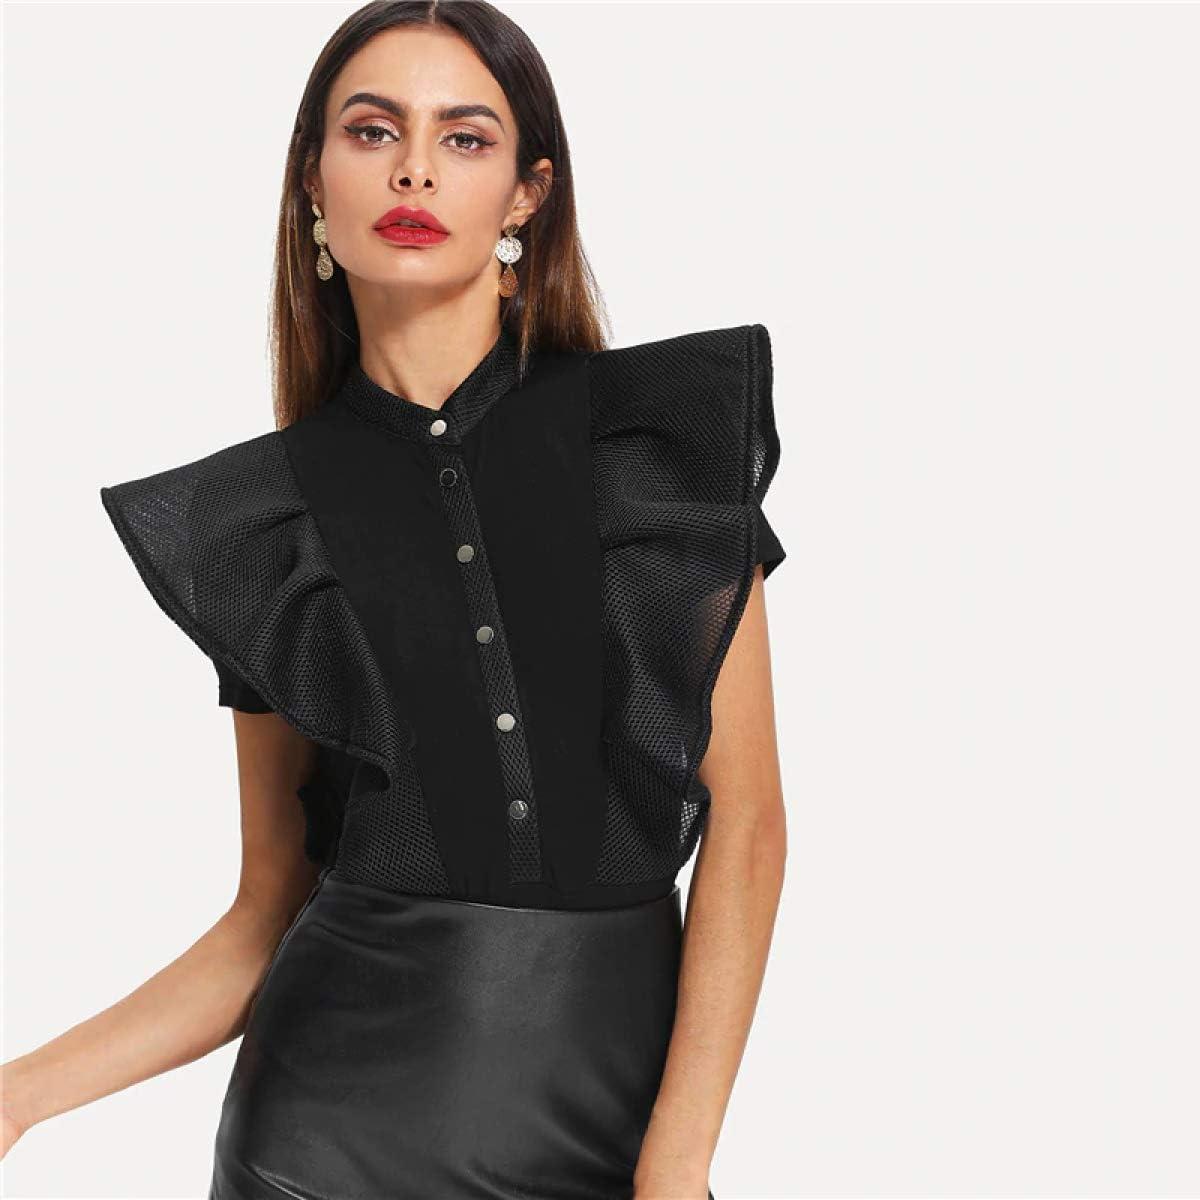 Black Elegant Button Up Mesh Short Sleeve Bodysuit Summer Women